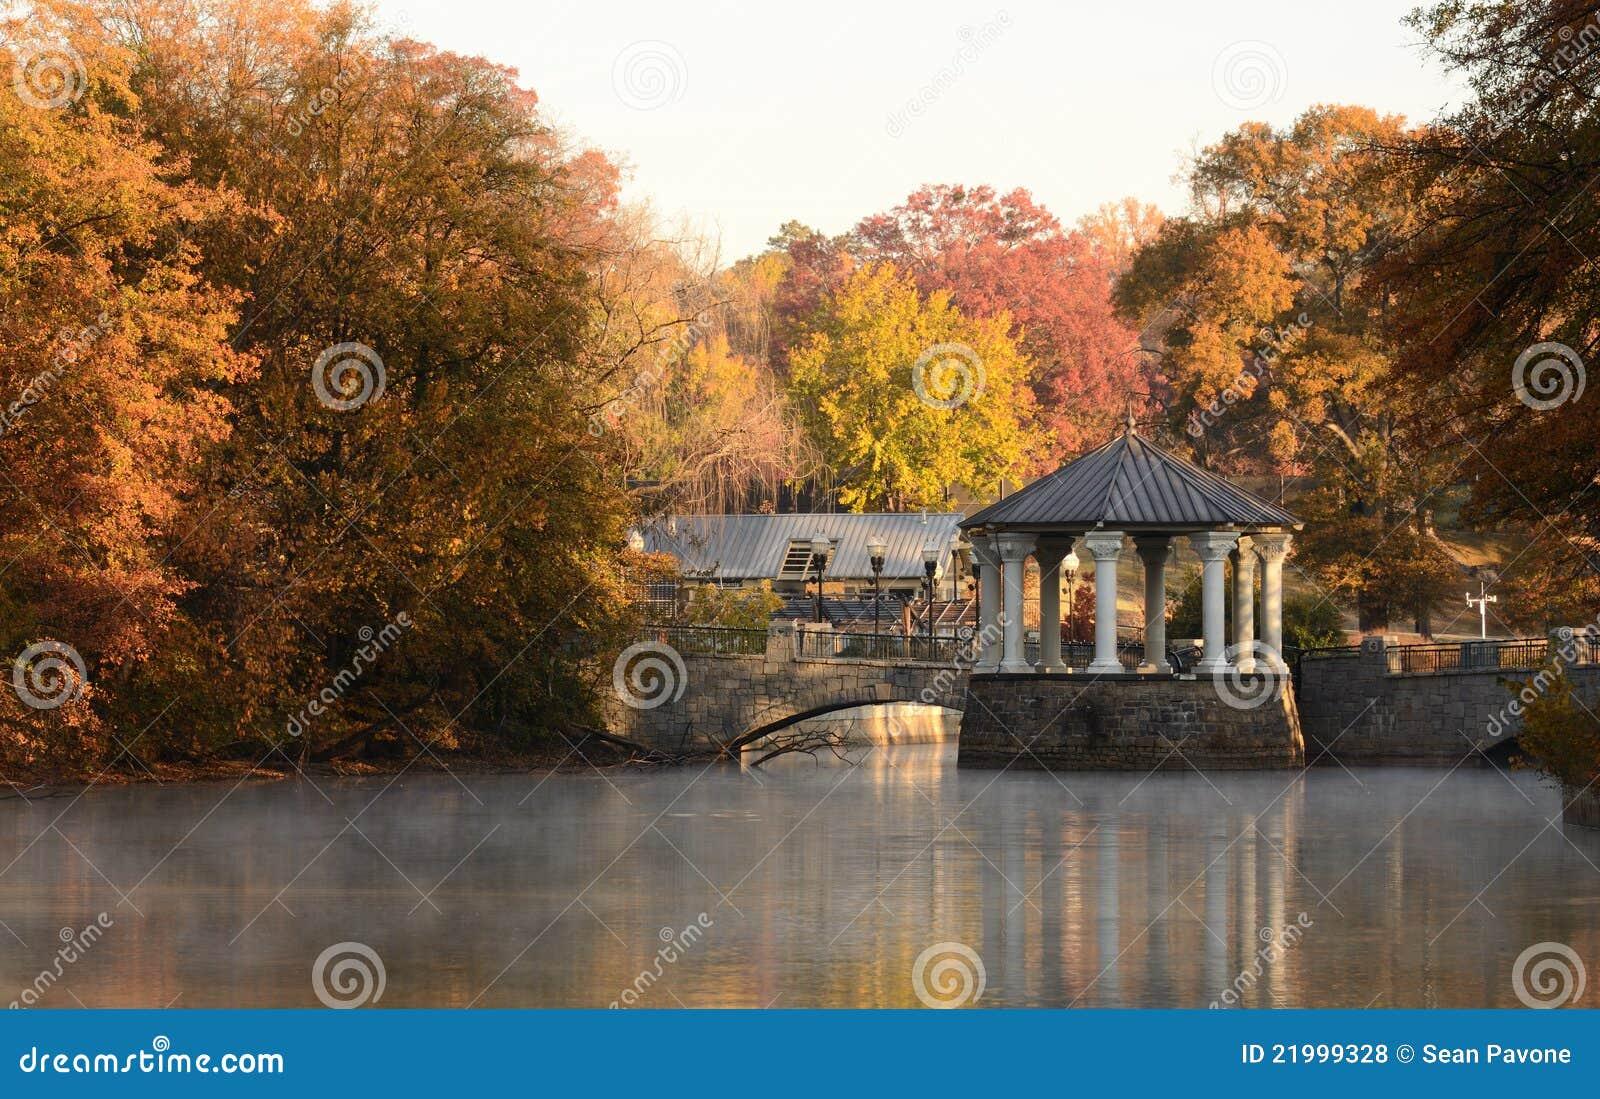 Gazebo sur un lac